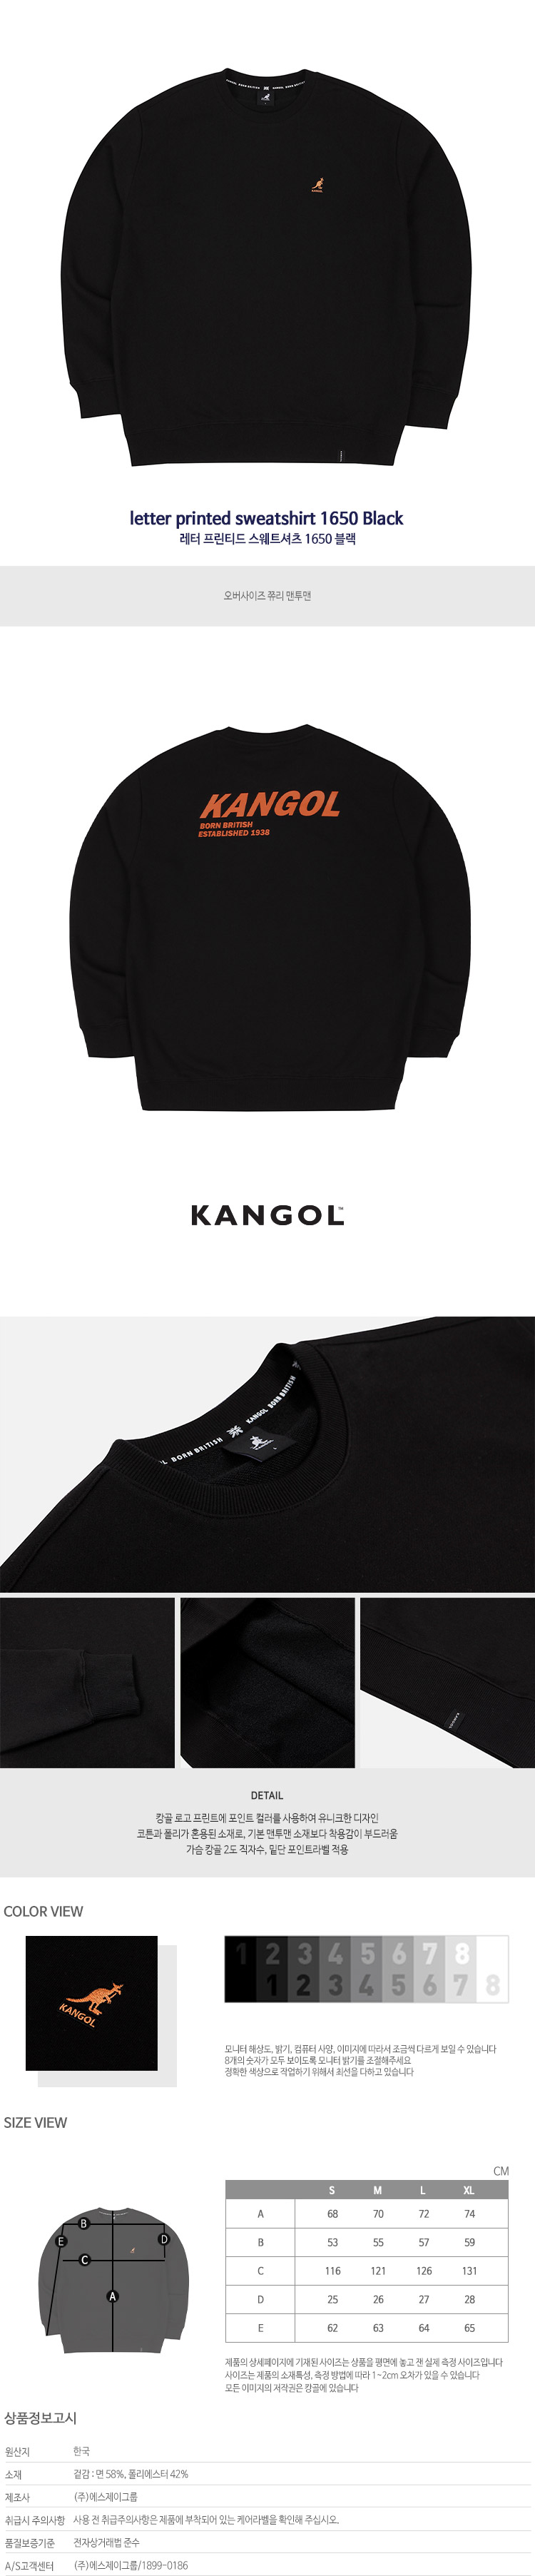 letter printed sweatshirt 1650 BLACK